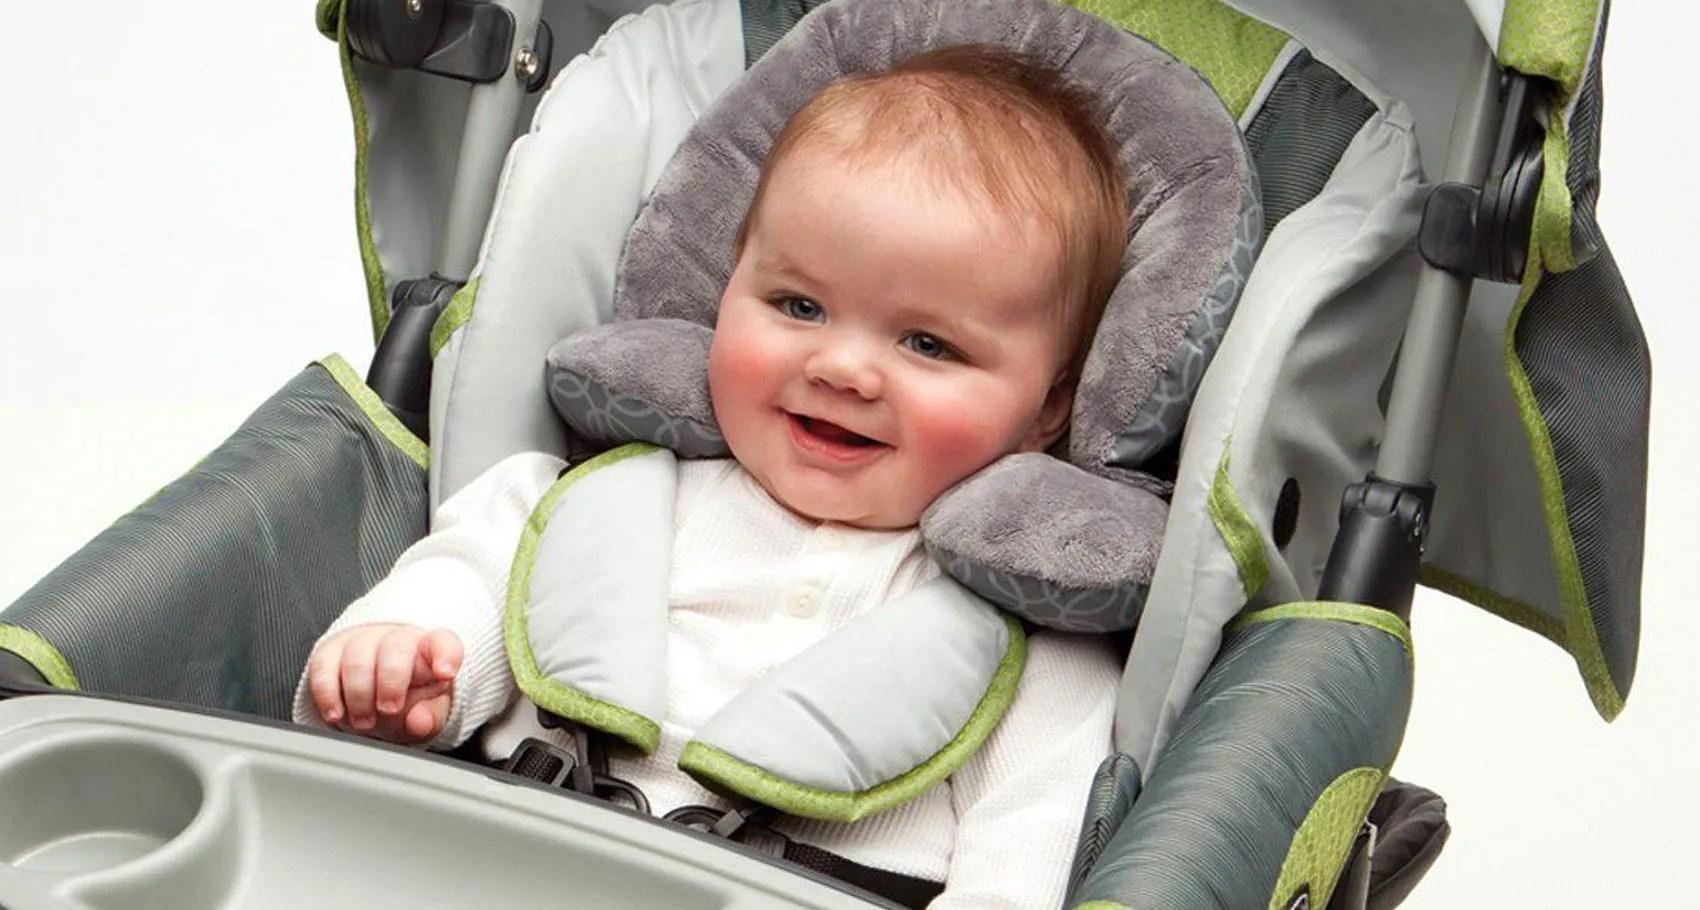 boppy recall hits buy buy baby amazon